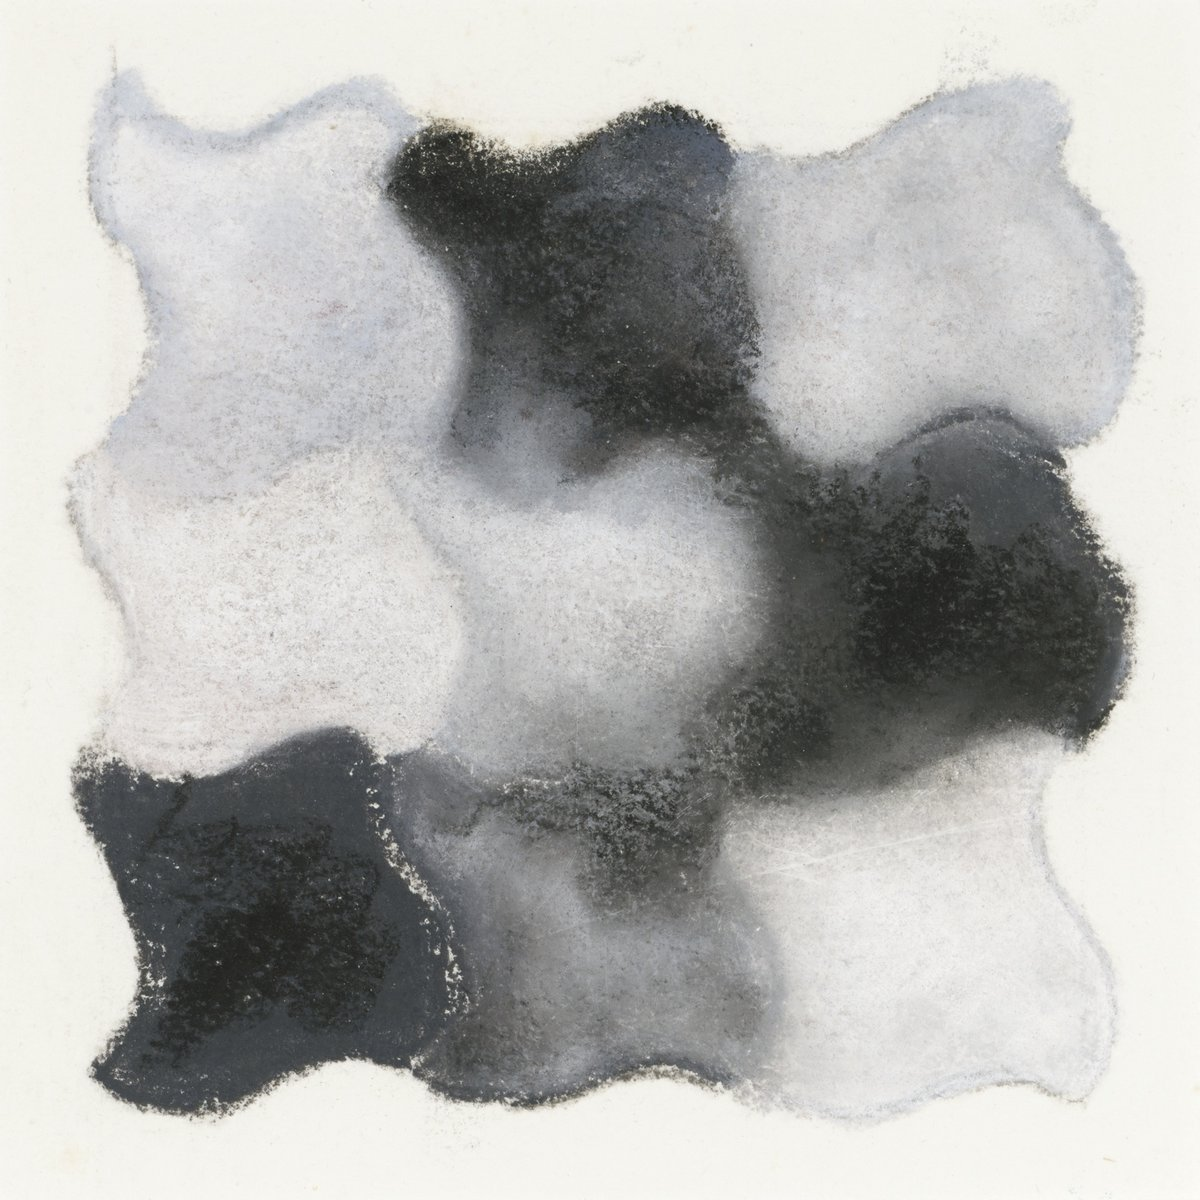 Художники, картина Абстракция в сером, черном и белом, 20x20 см, на бумагеДжакометти Аугусто<br>Постер на холсте или бумаге. Любого нужного вам размера. В раме или без. Подвес в комплекте. Трехслойная надежная упаковка. Доставим в любую точку России. Вам осталось только повесить картину на стену!<br>